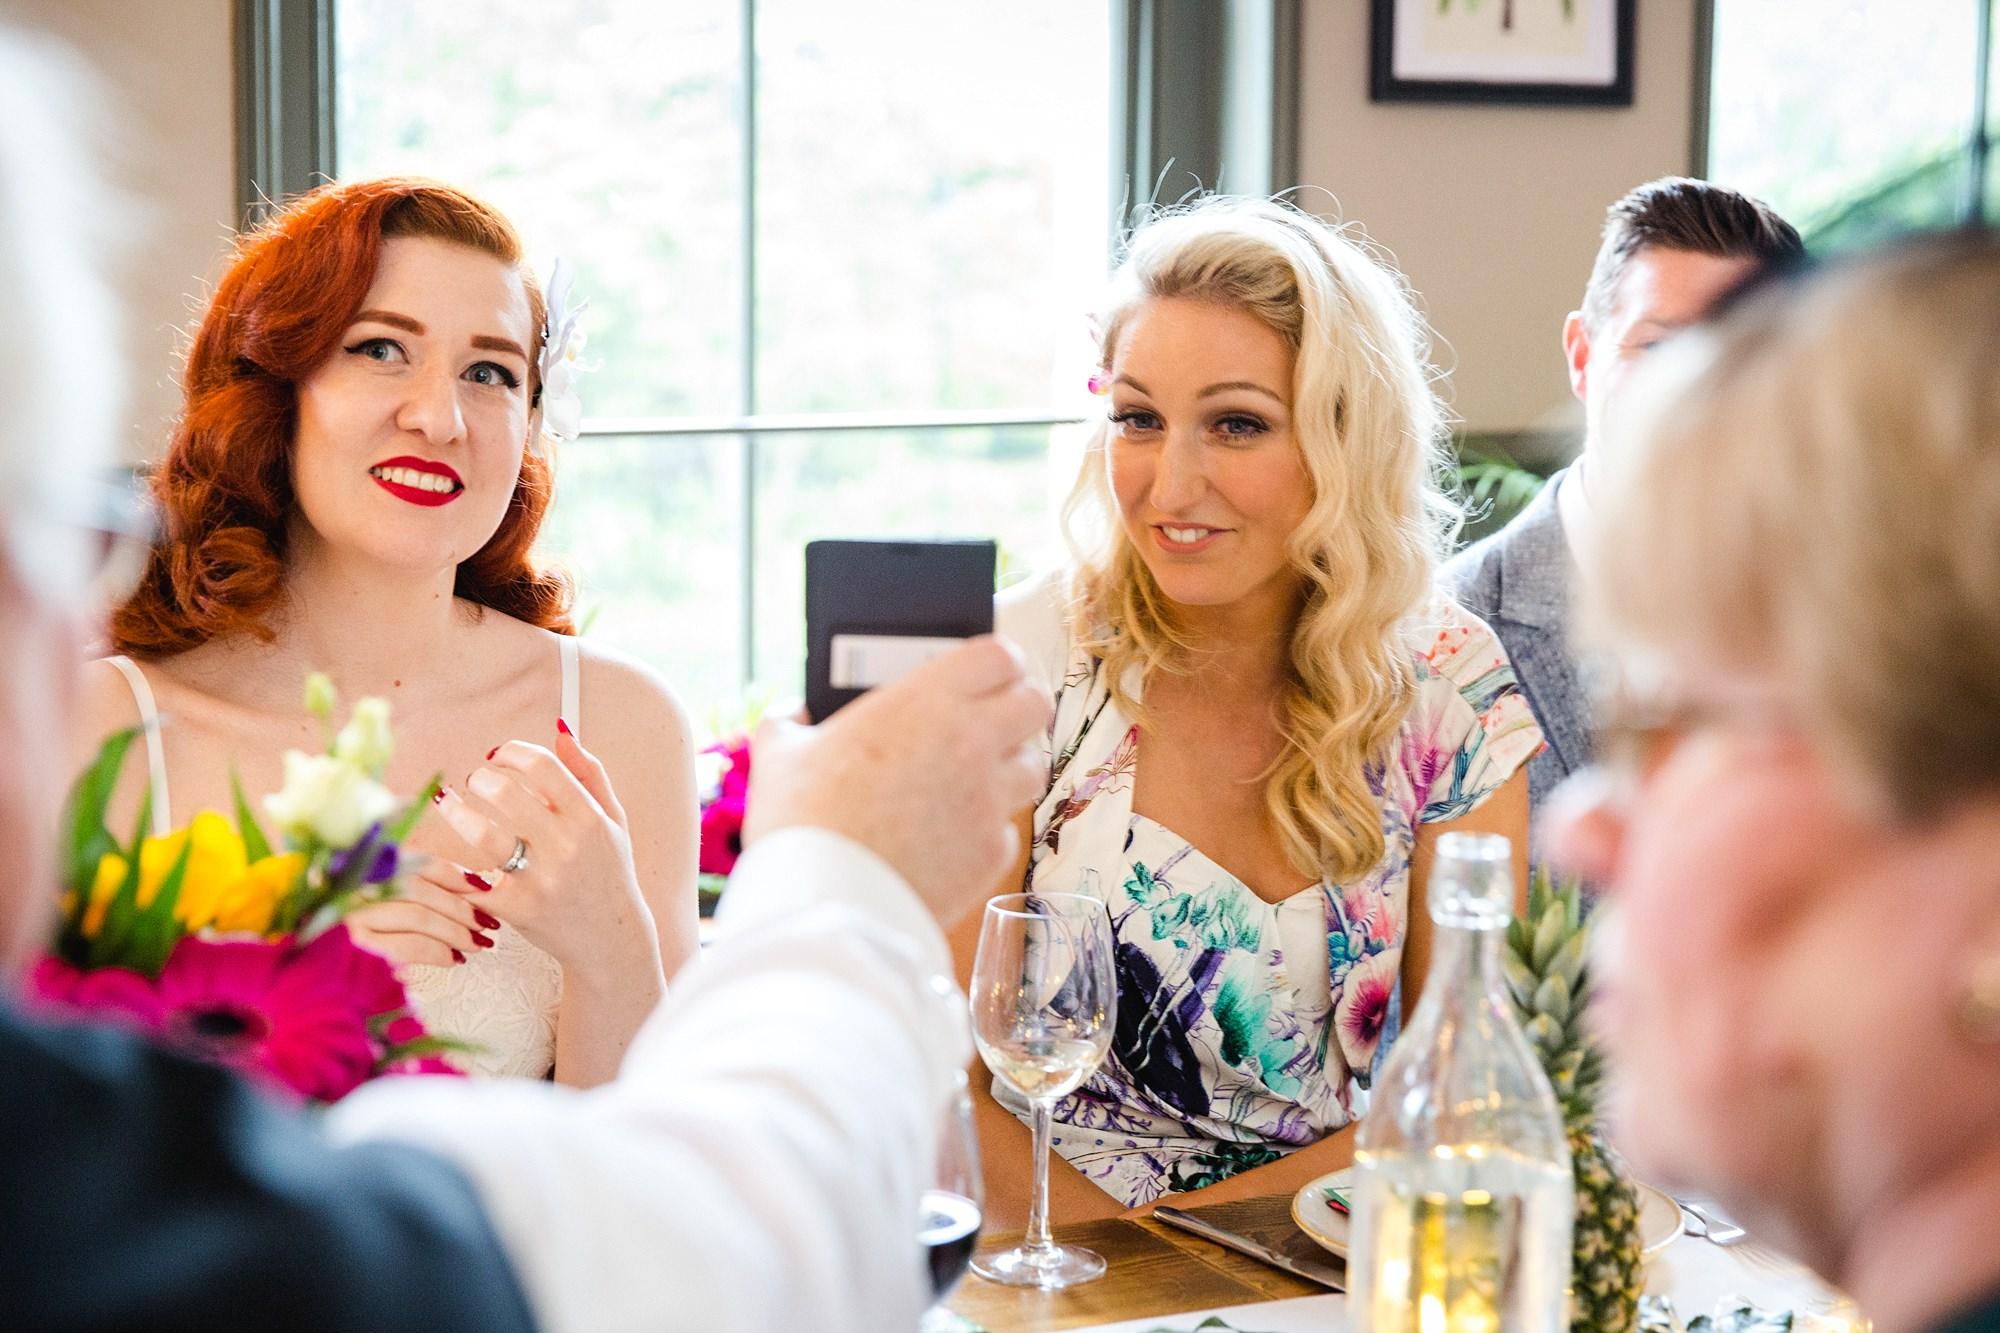 The Grange Ealing wedding guests enjoying dinner